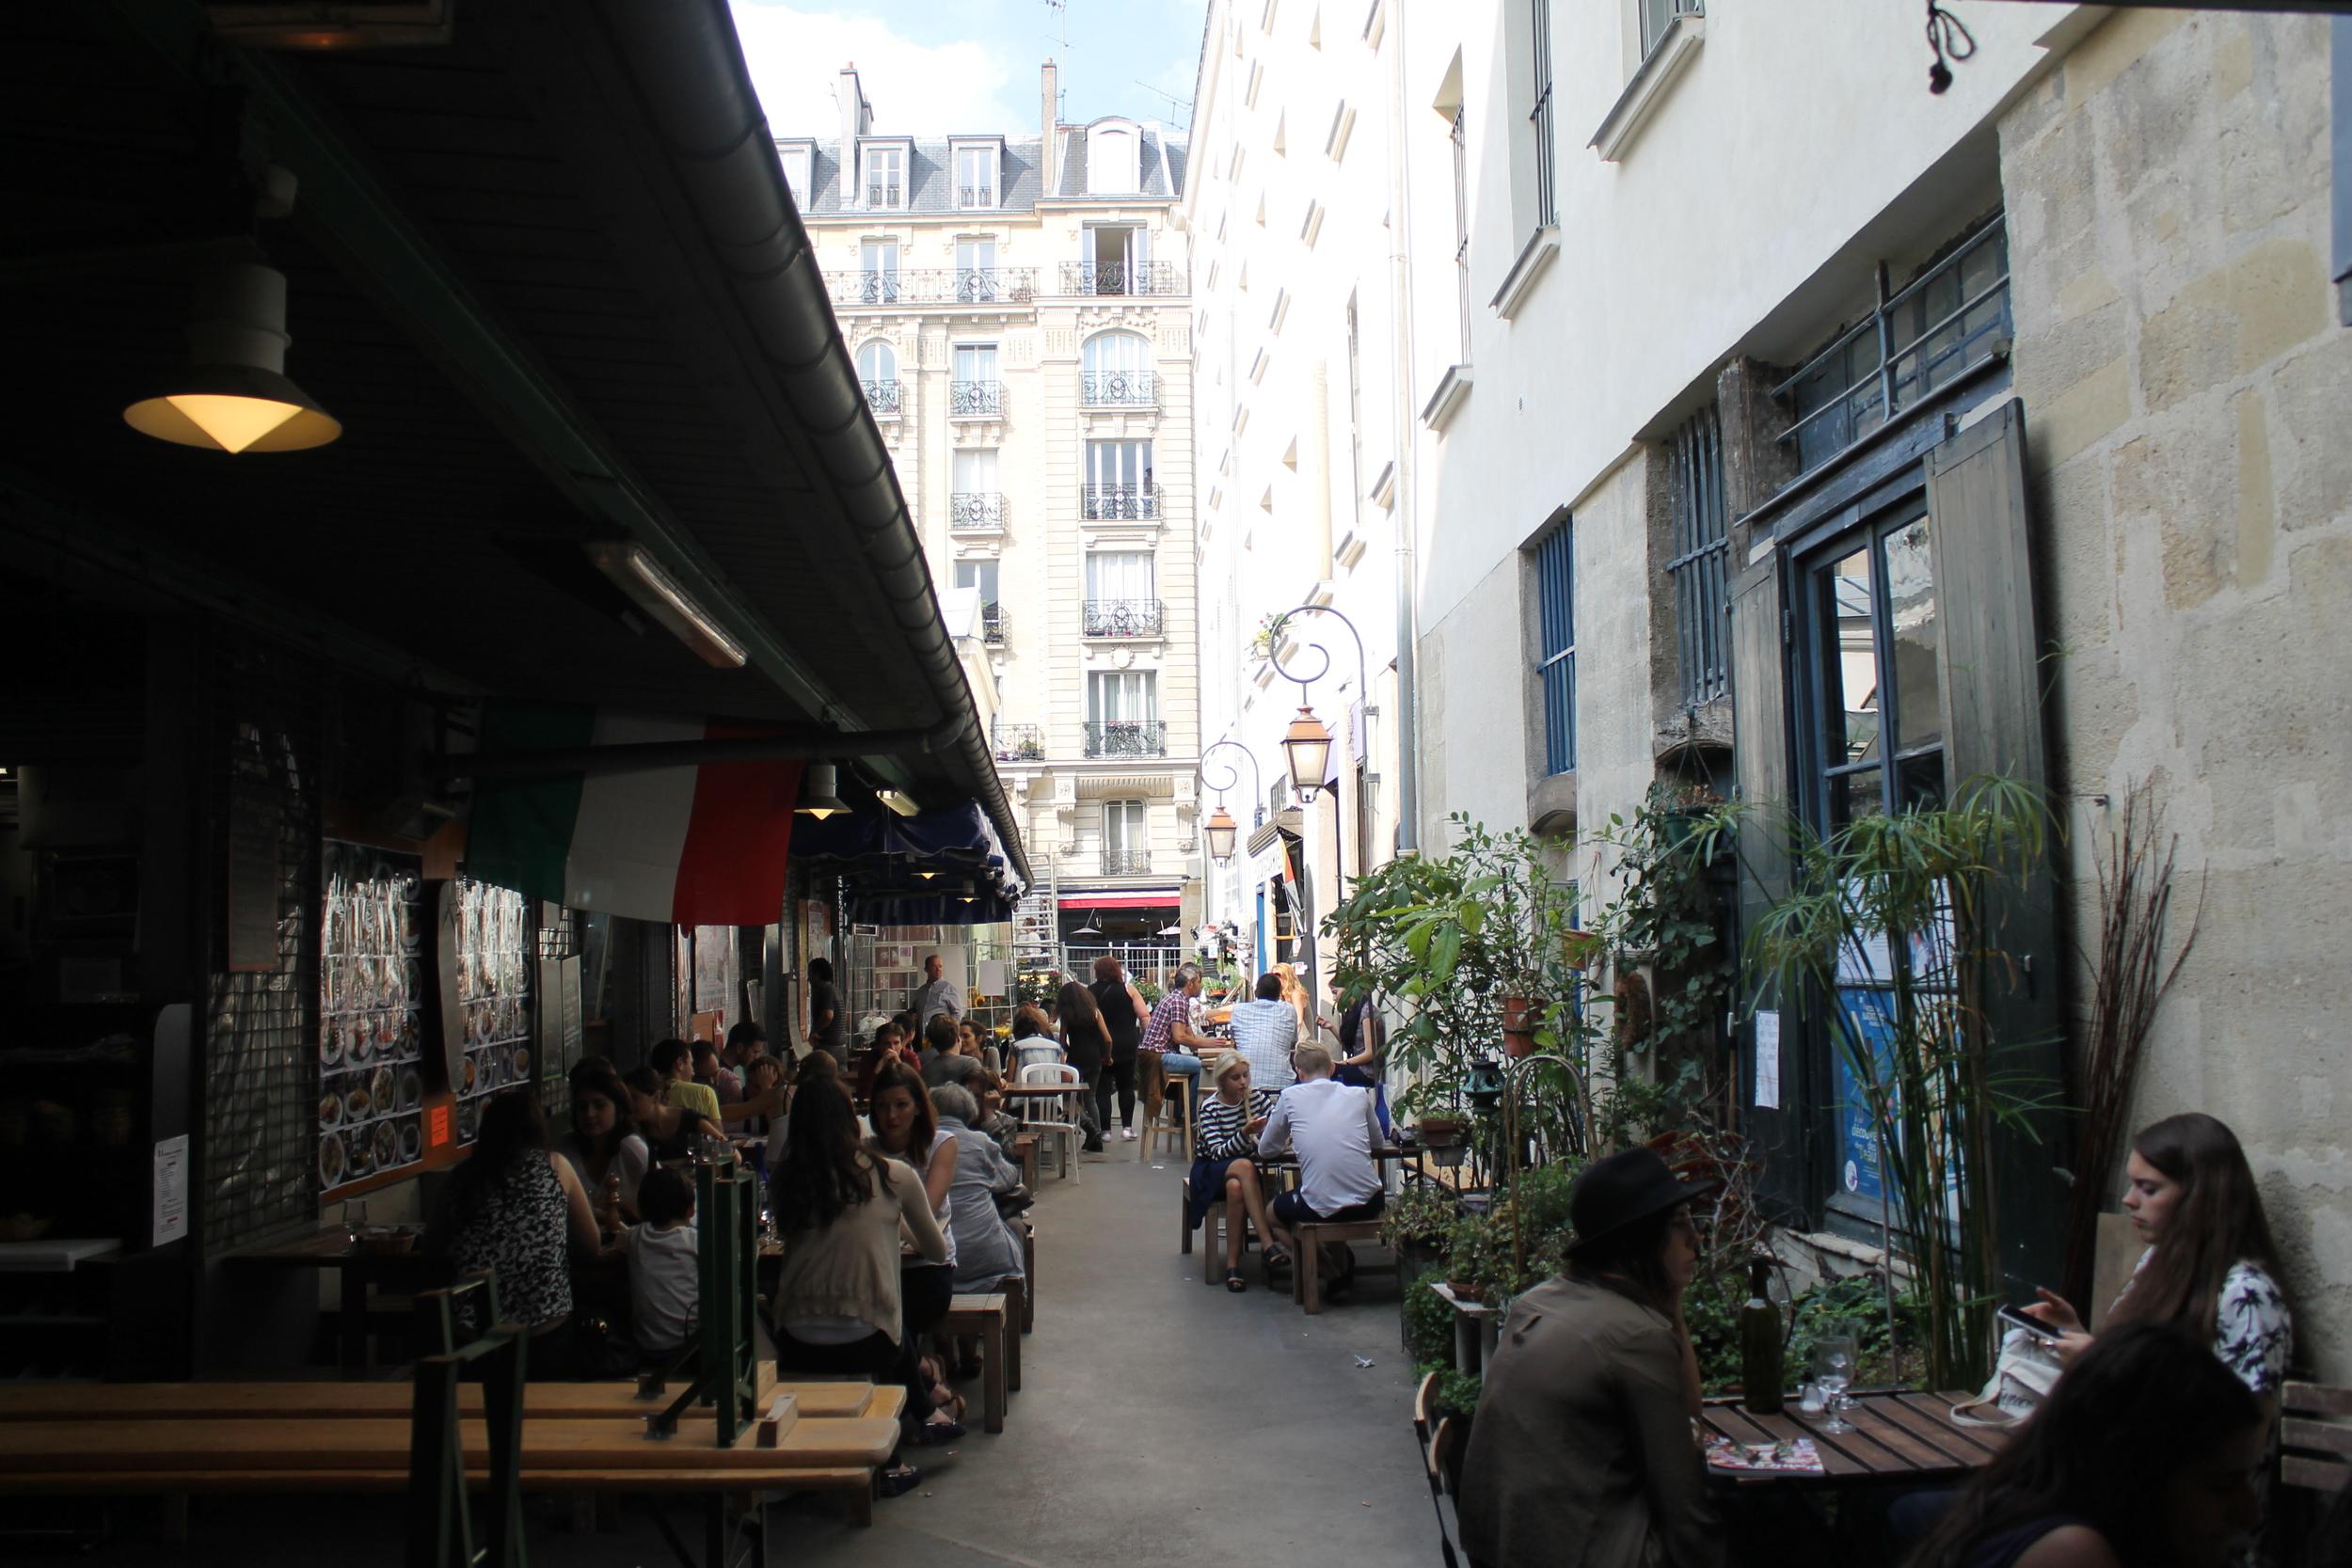 Marché_des_Enfants-Rouges,_Paris_July_2014.jpg